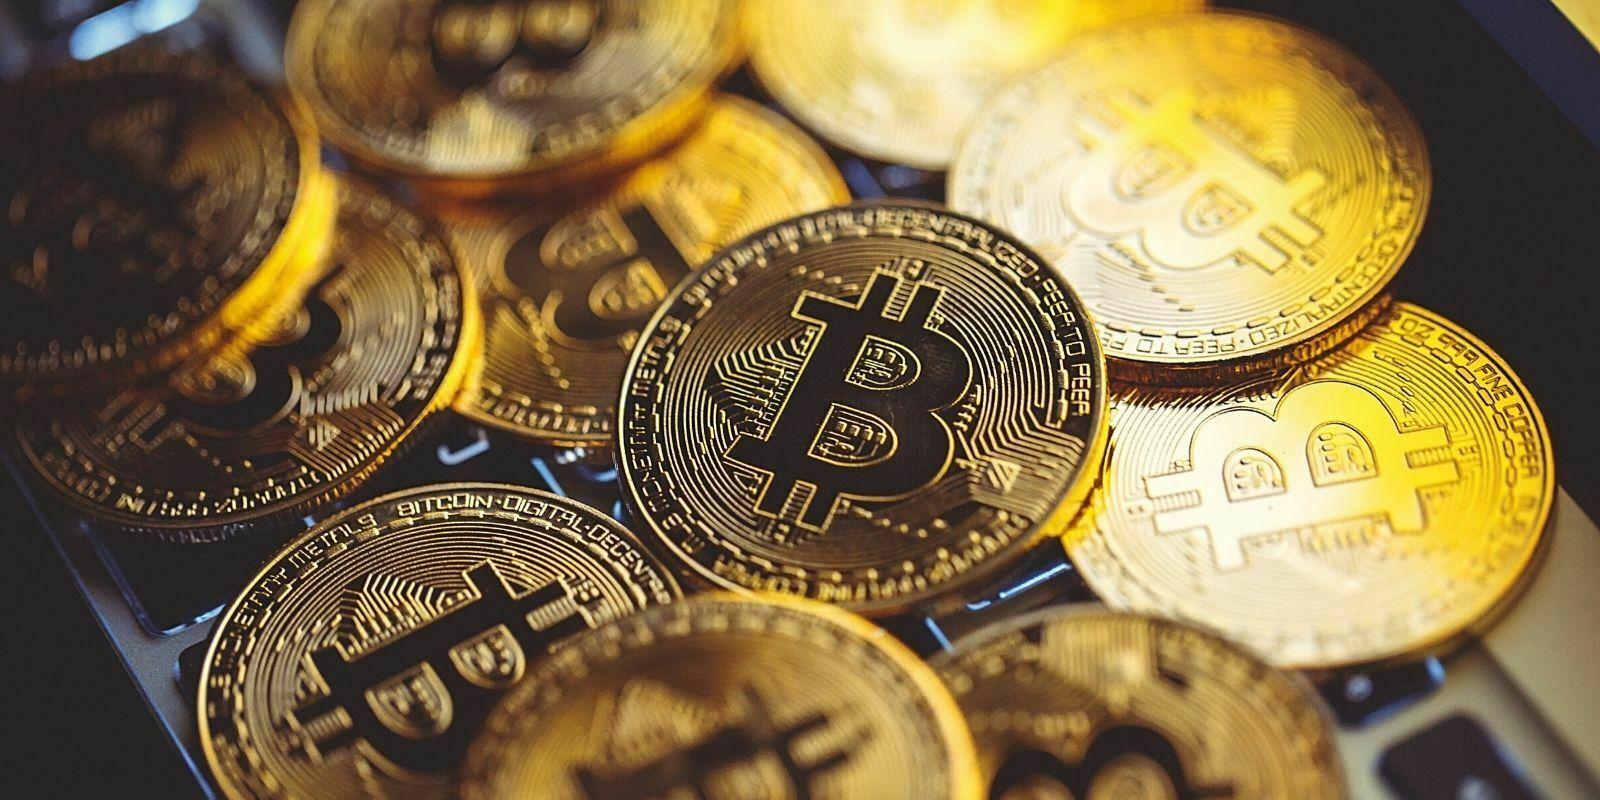 Une étude révèle la véritable fortune en bitcoins de Satoshi Nakamoto